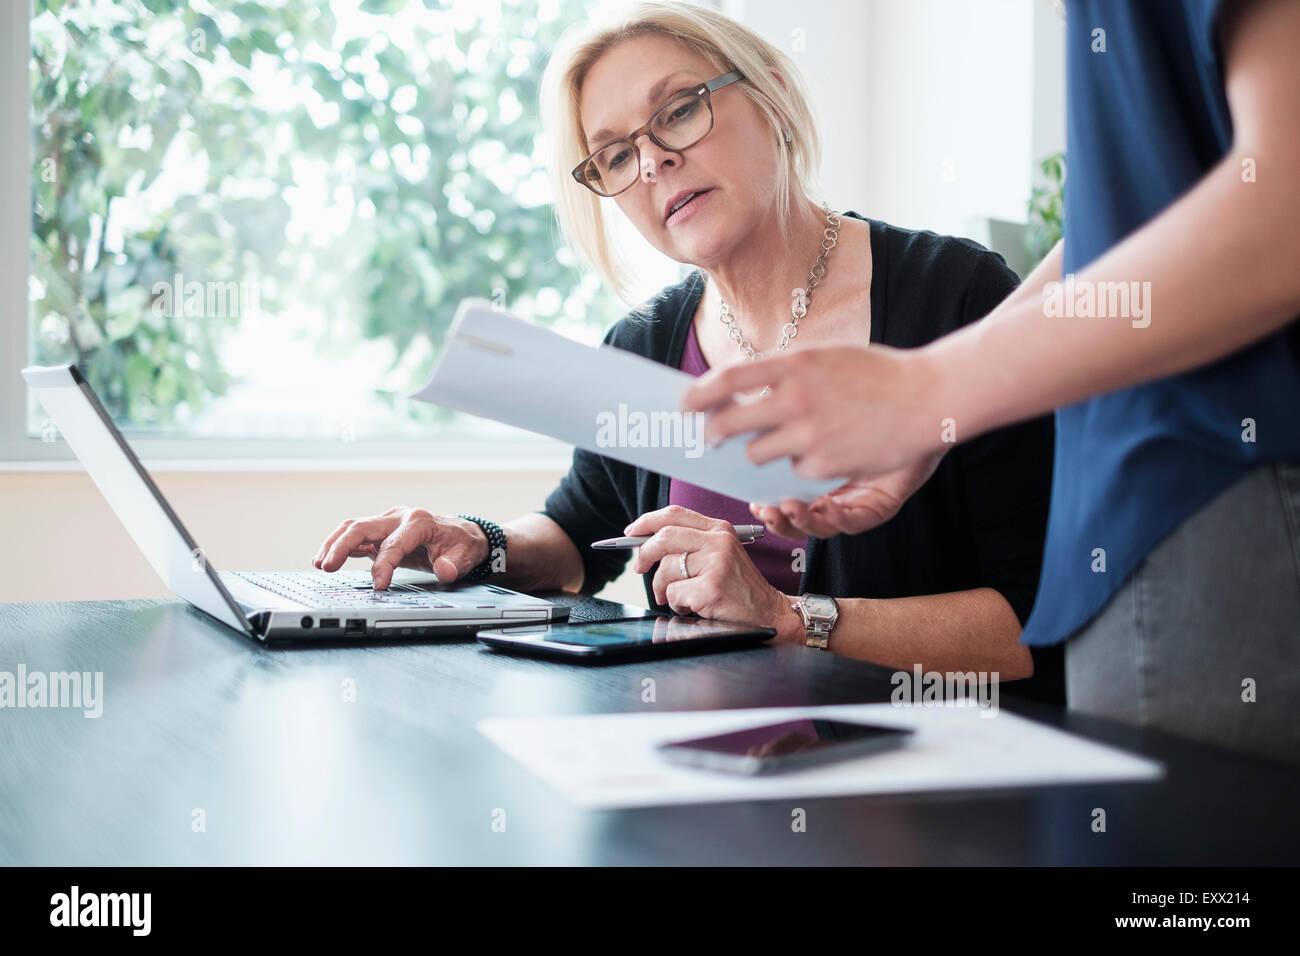 Les femmes travaillant dans office Photo Stock